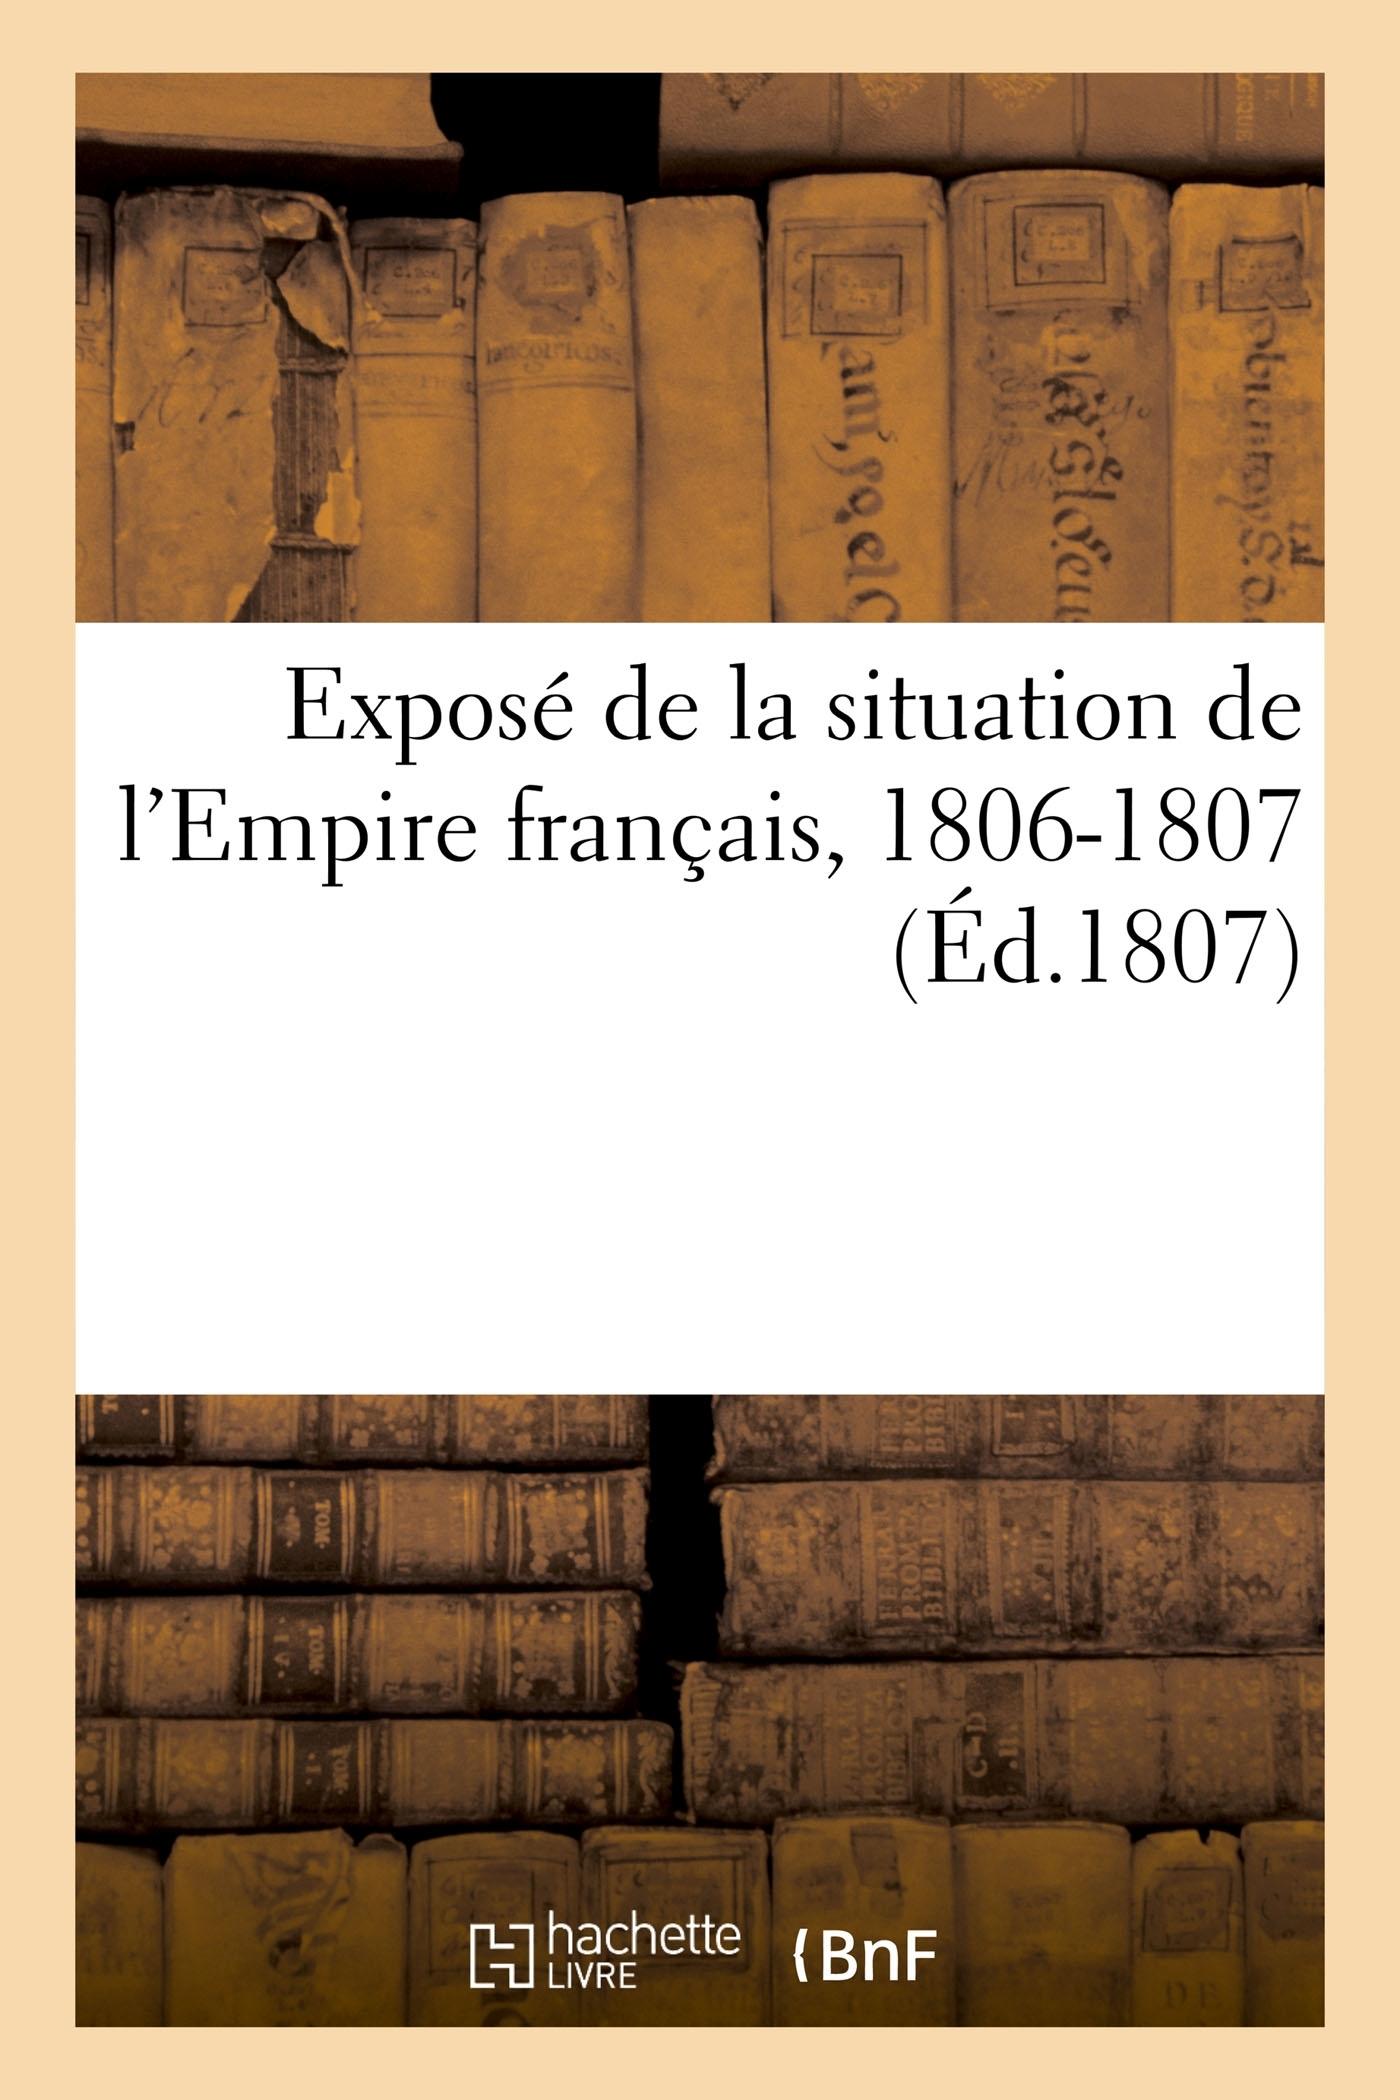 EXPOSE DE LA SITUATION DE L'EMPIRE FRANCAIS, 1806-1807